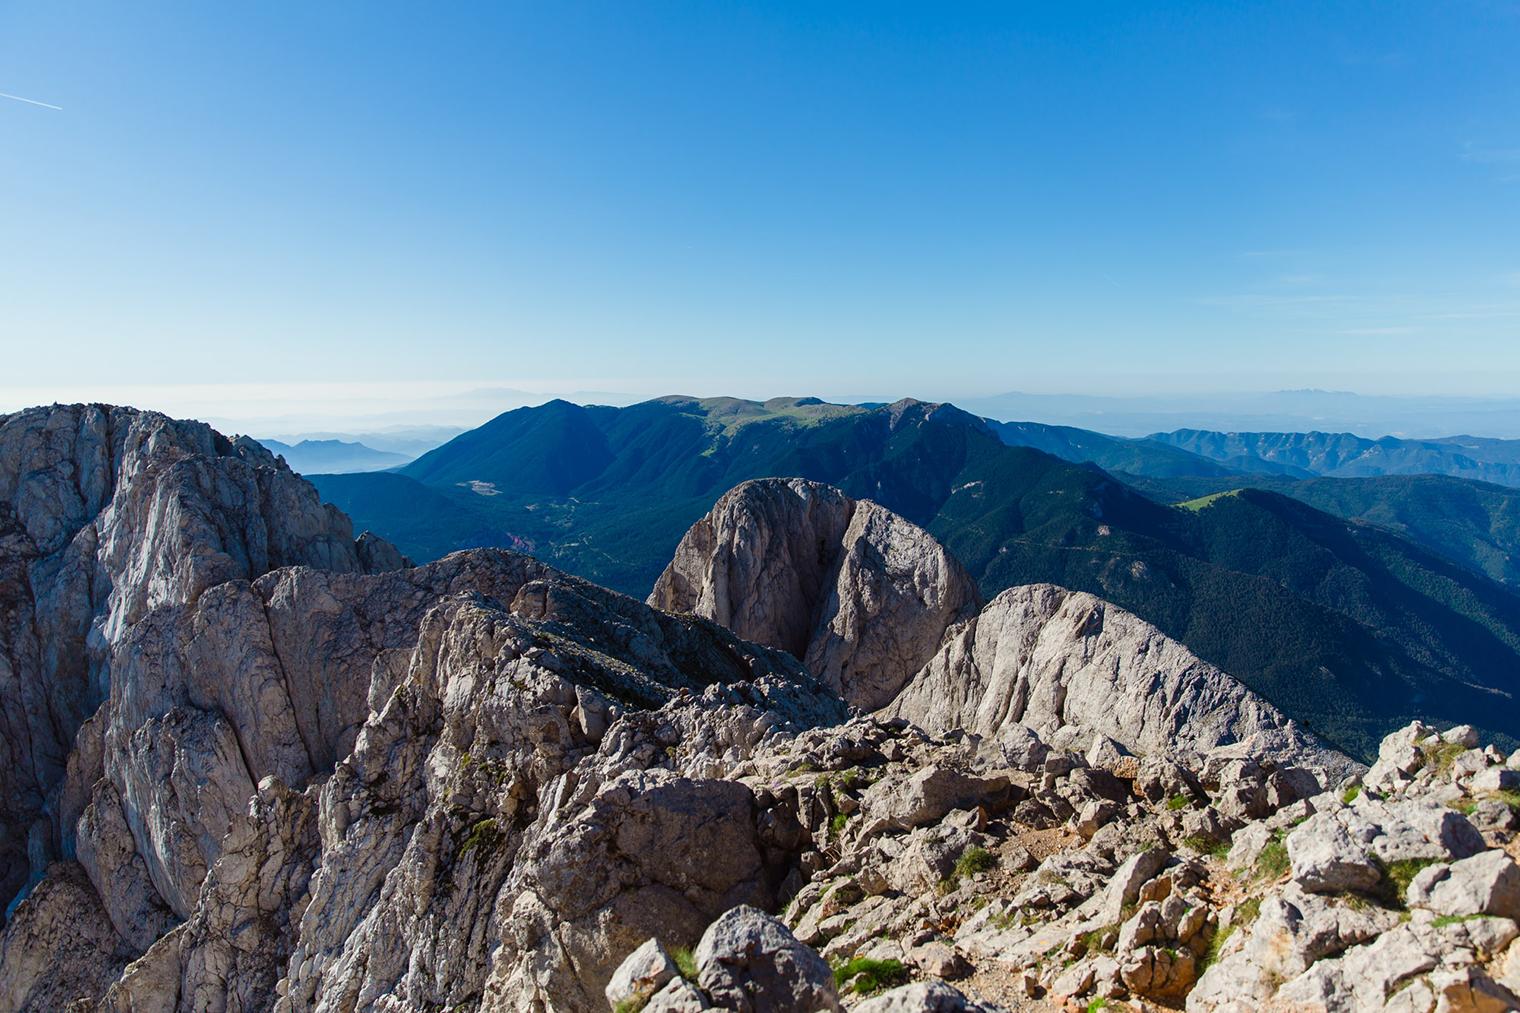 Vistas de la Sierra del Cadí-Moixeró